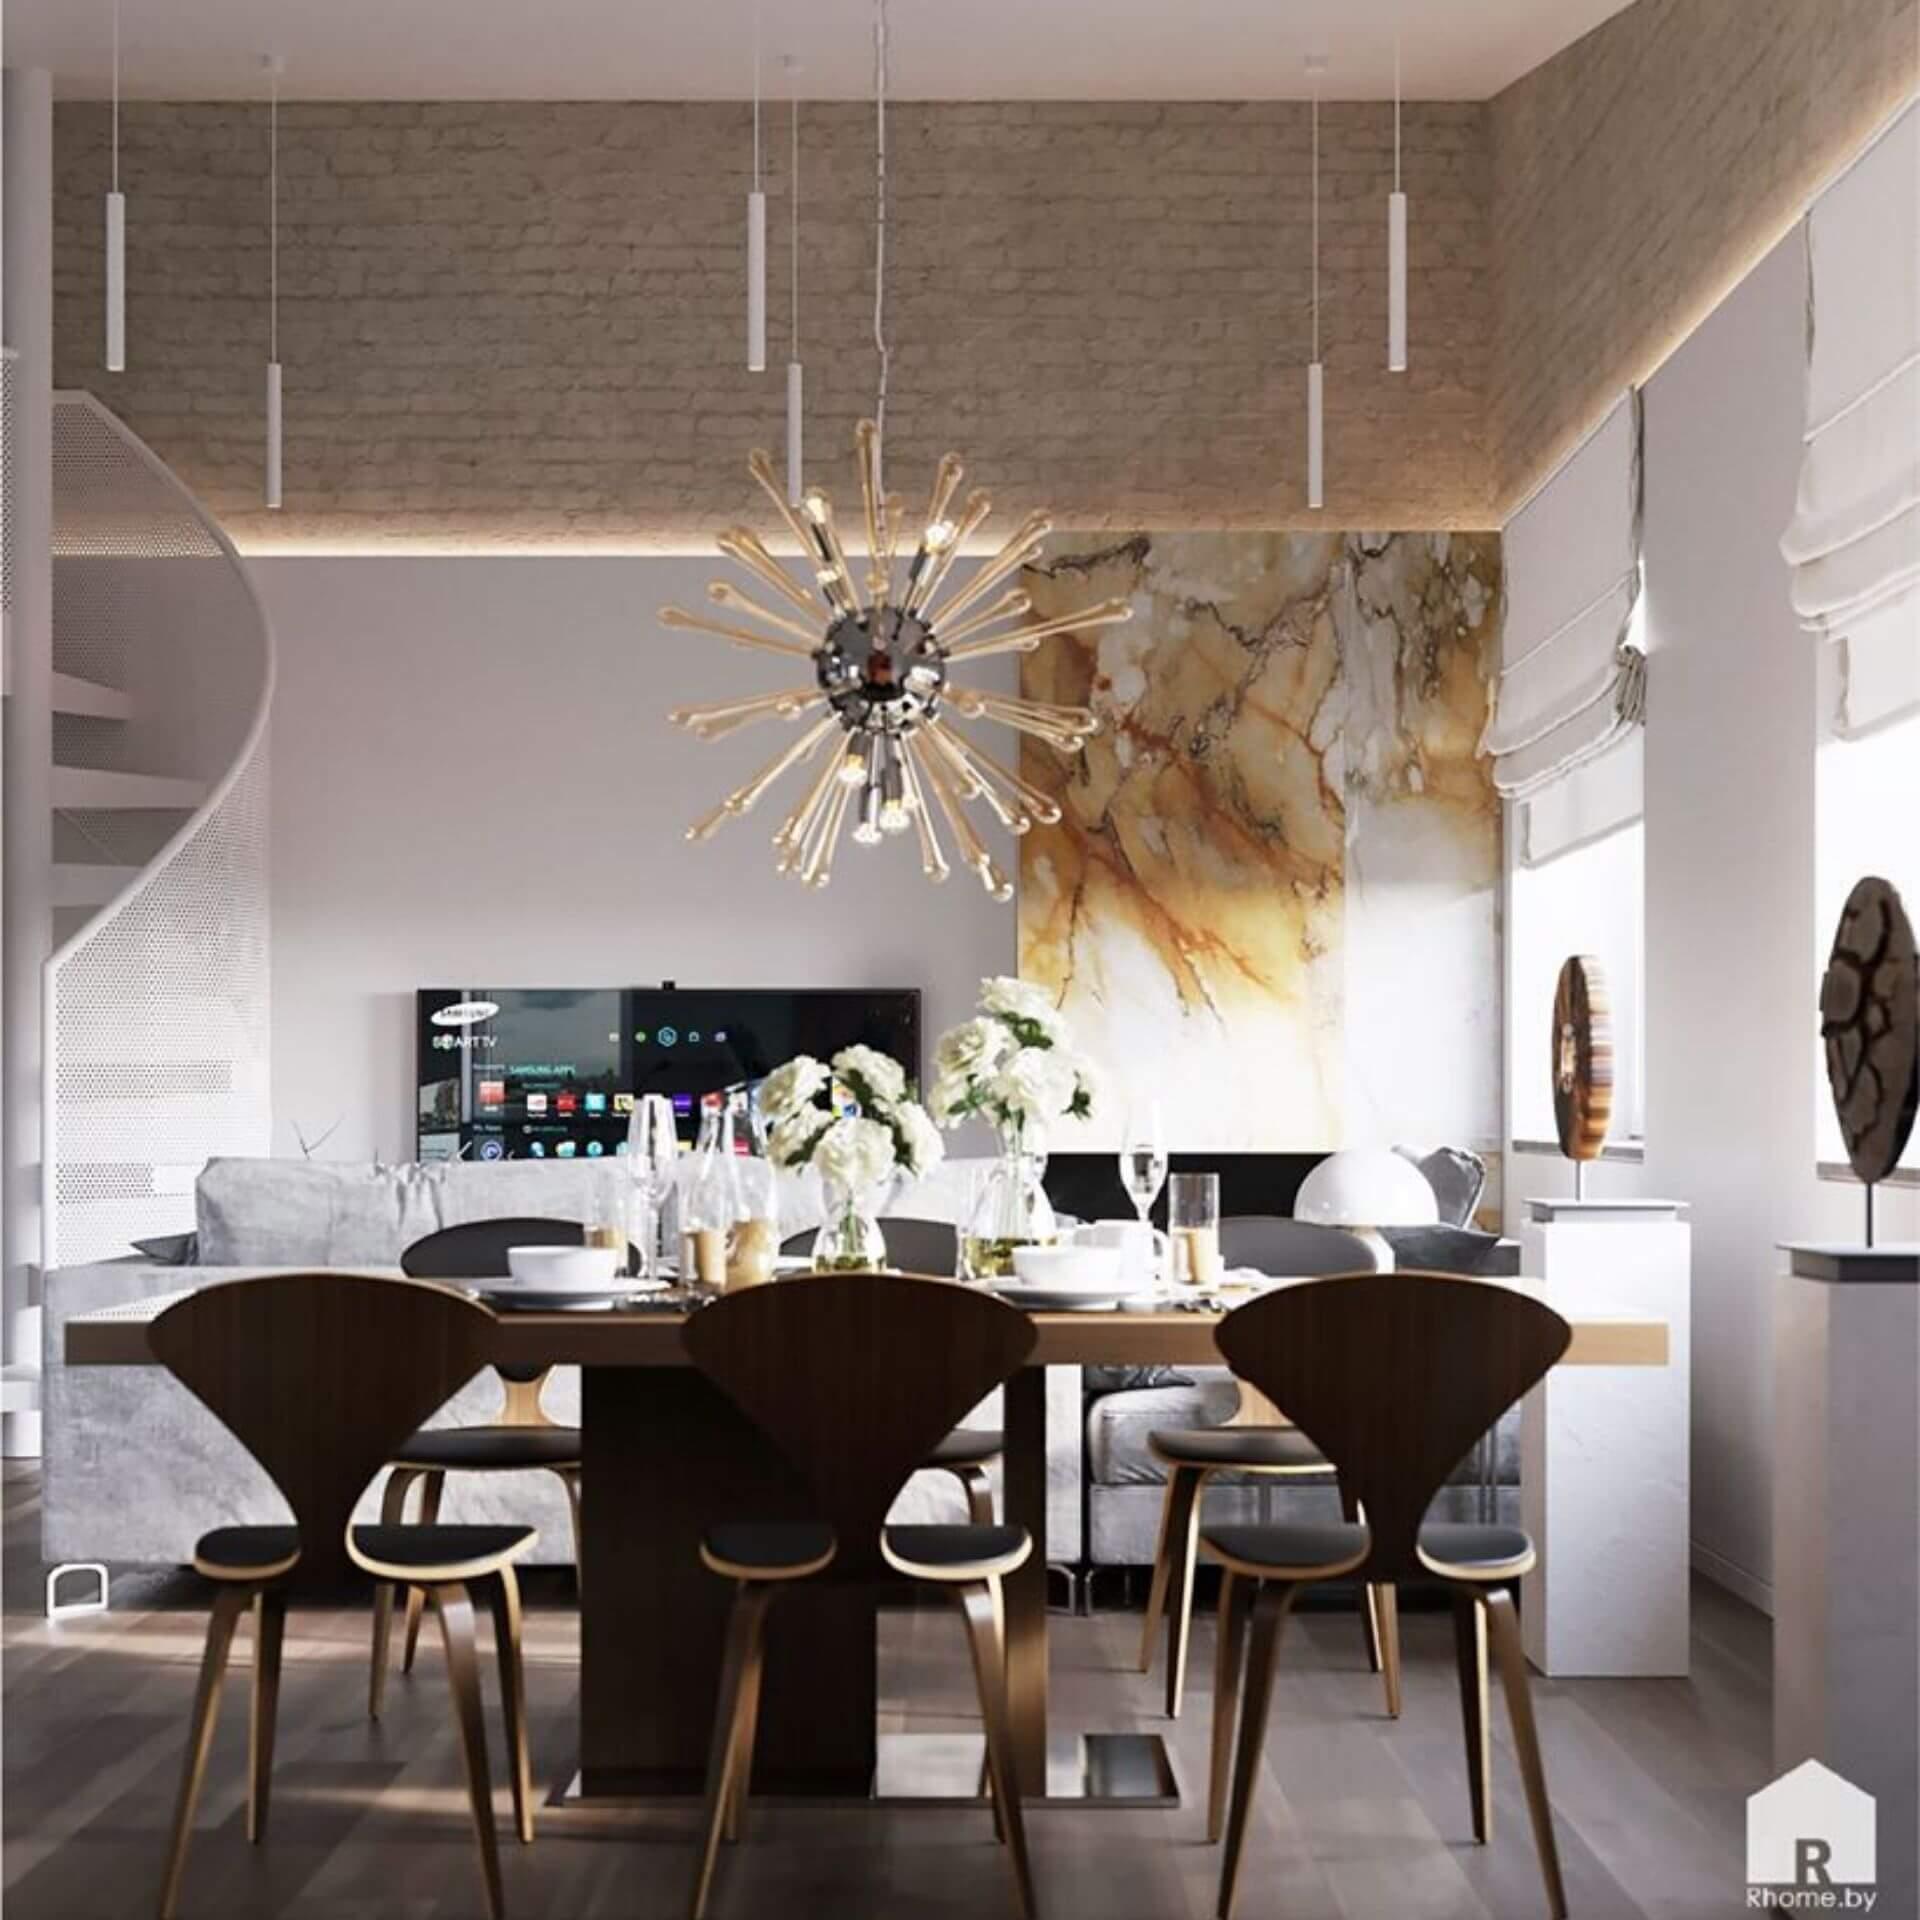 Аванградная светлая столовая с необычной люстрой над столом, у которого стоят дизайнерские стулья.